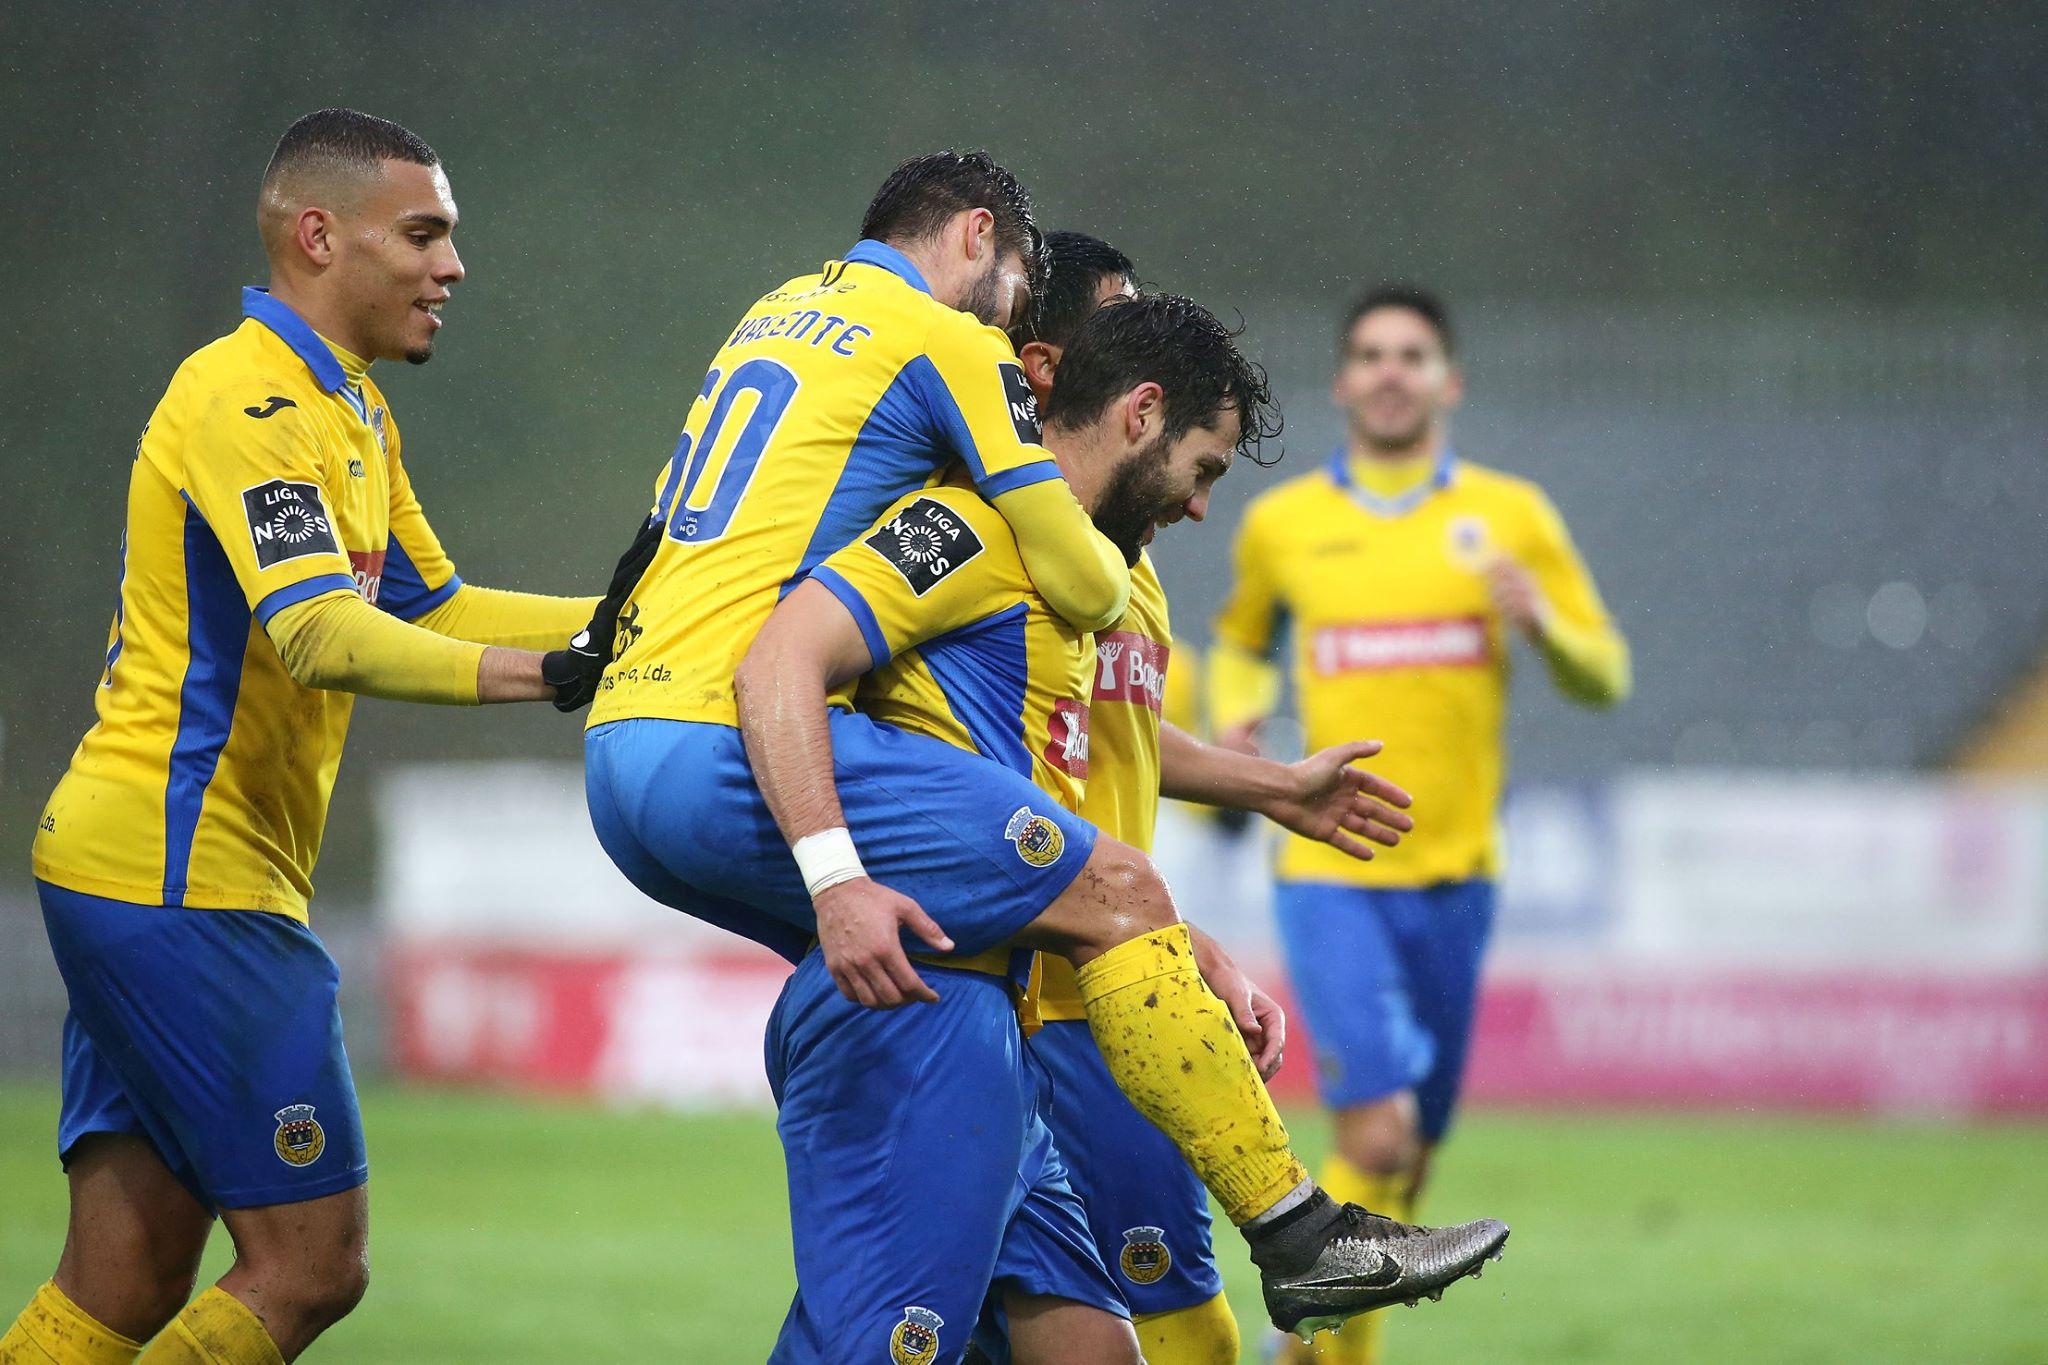 Jogadores do Arouca celebram gol. Eles entraram para a história (Foto: Reprodução)